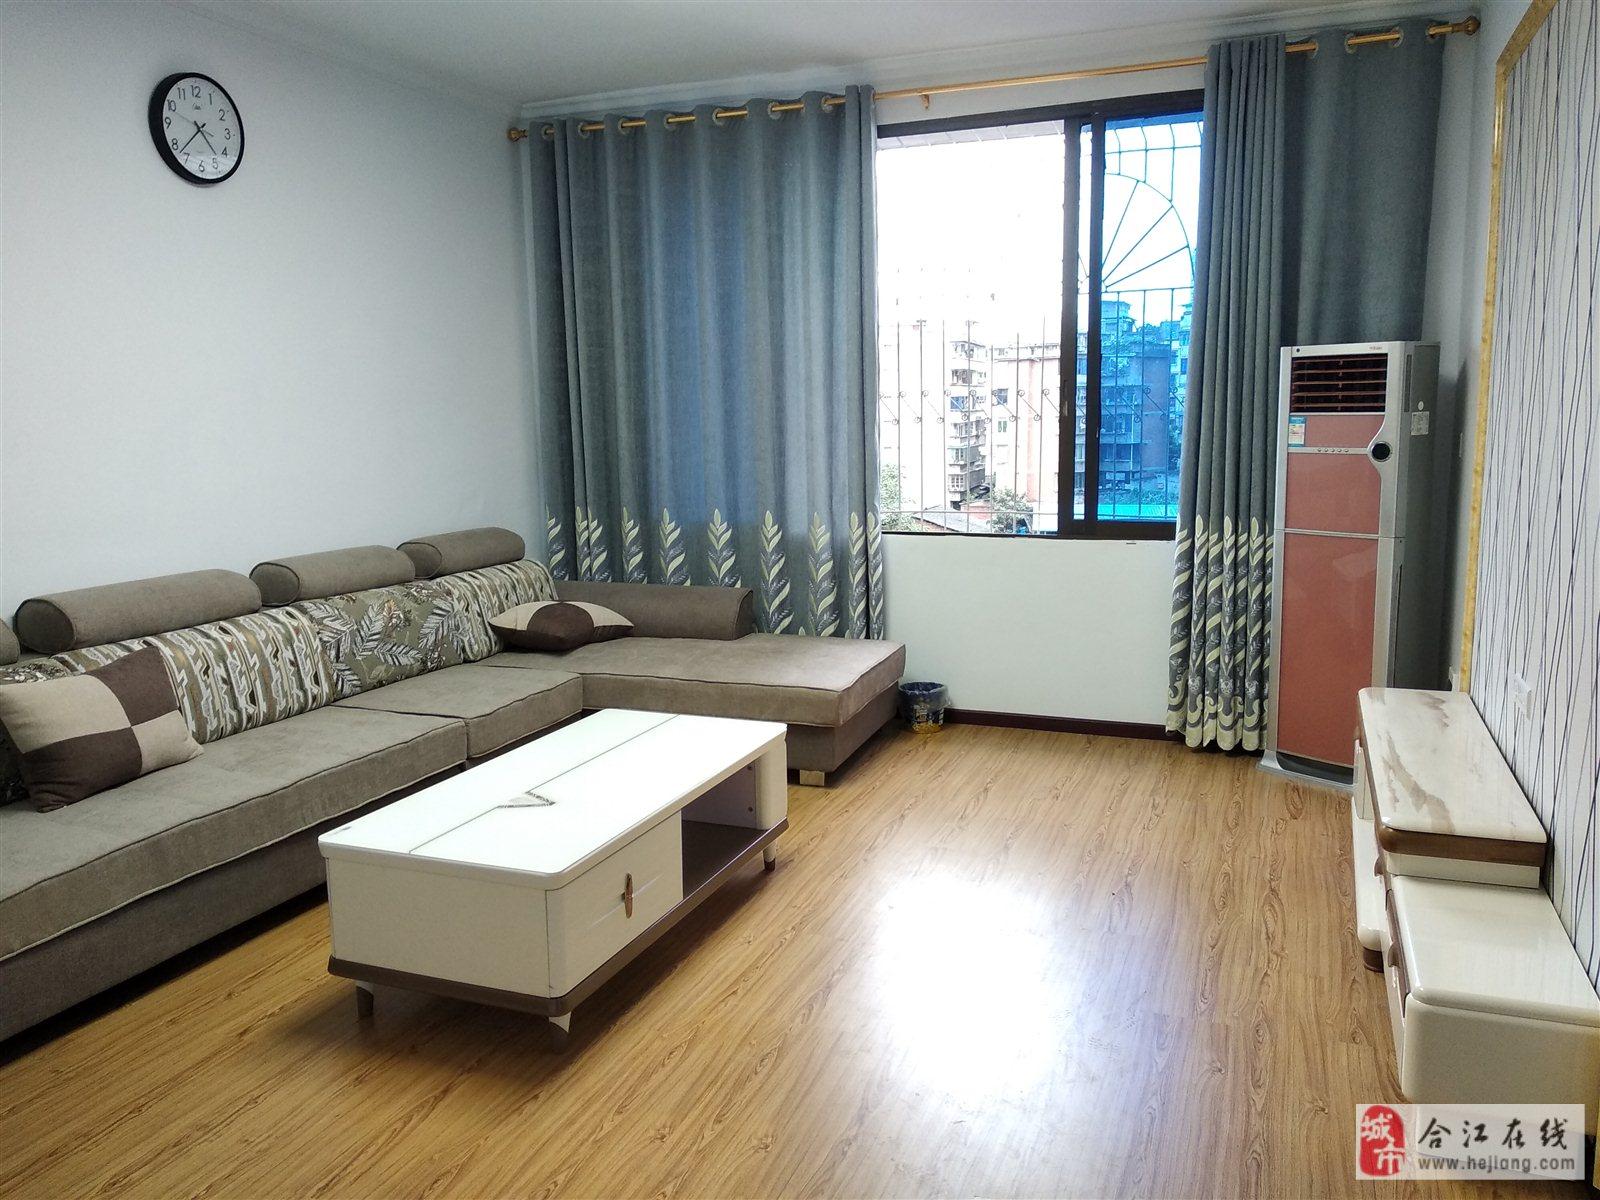 义园街3楼3室 2厅 1卫36.8万元